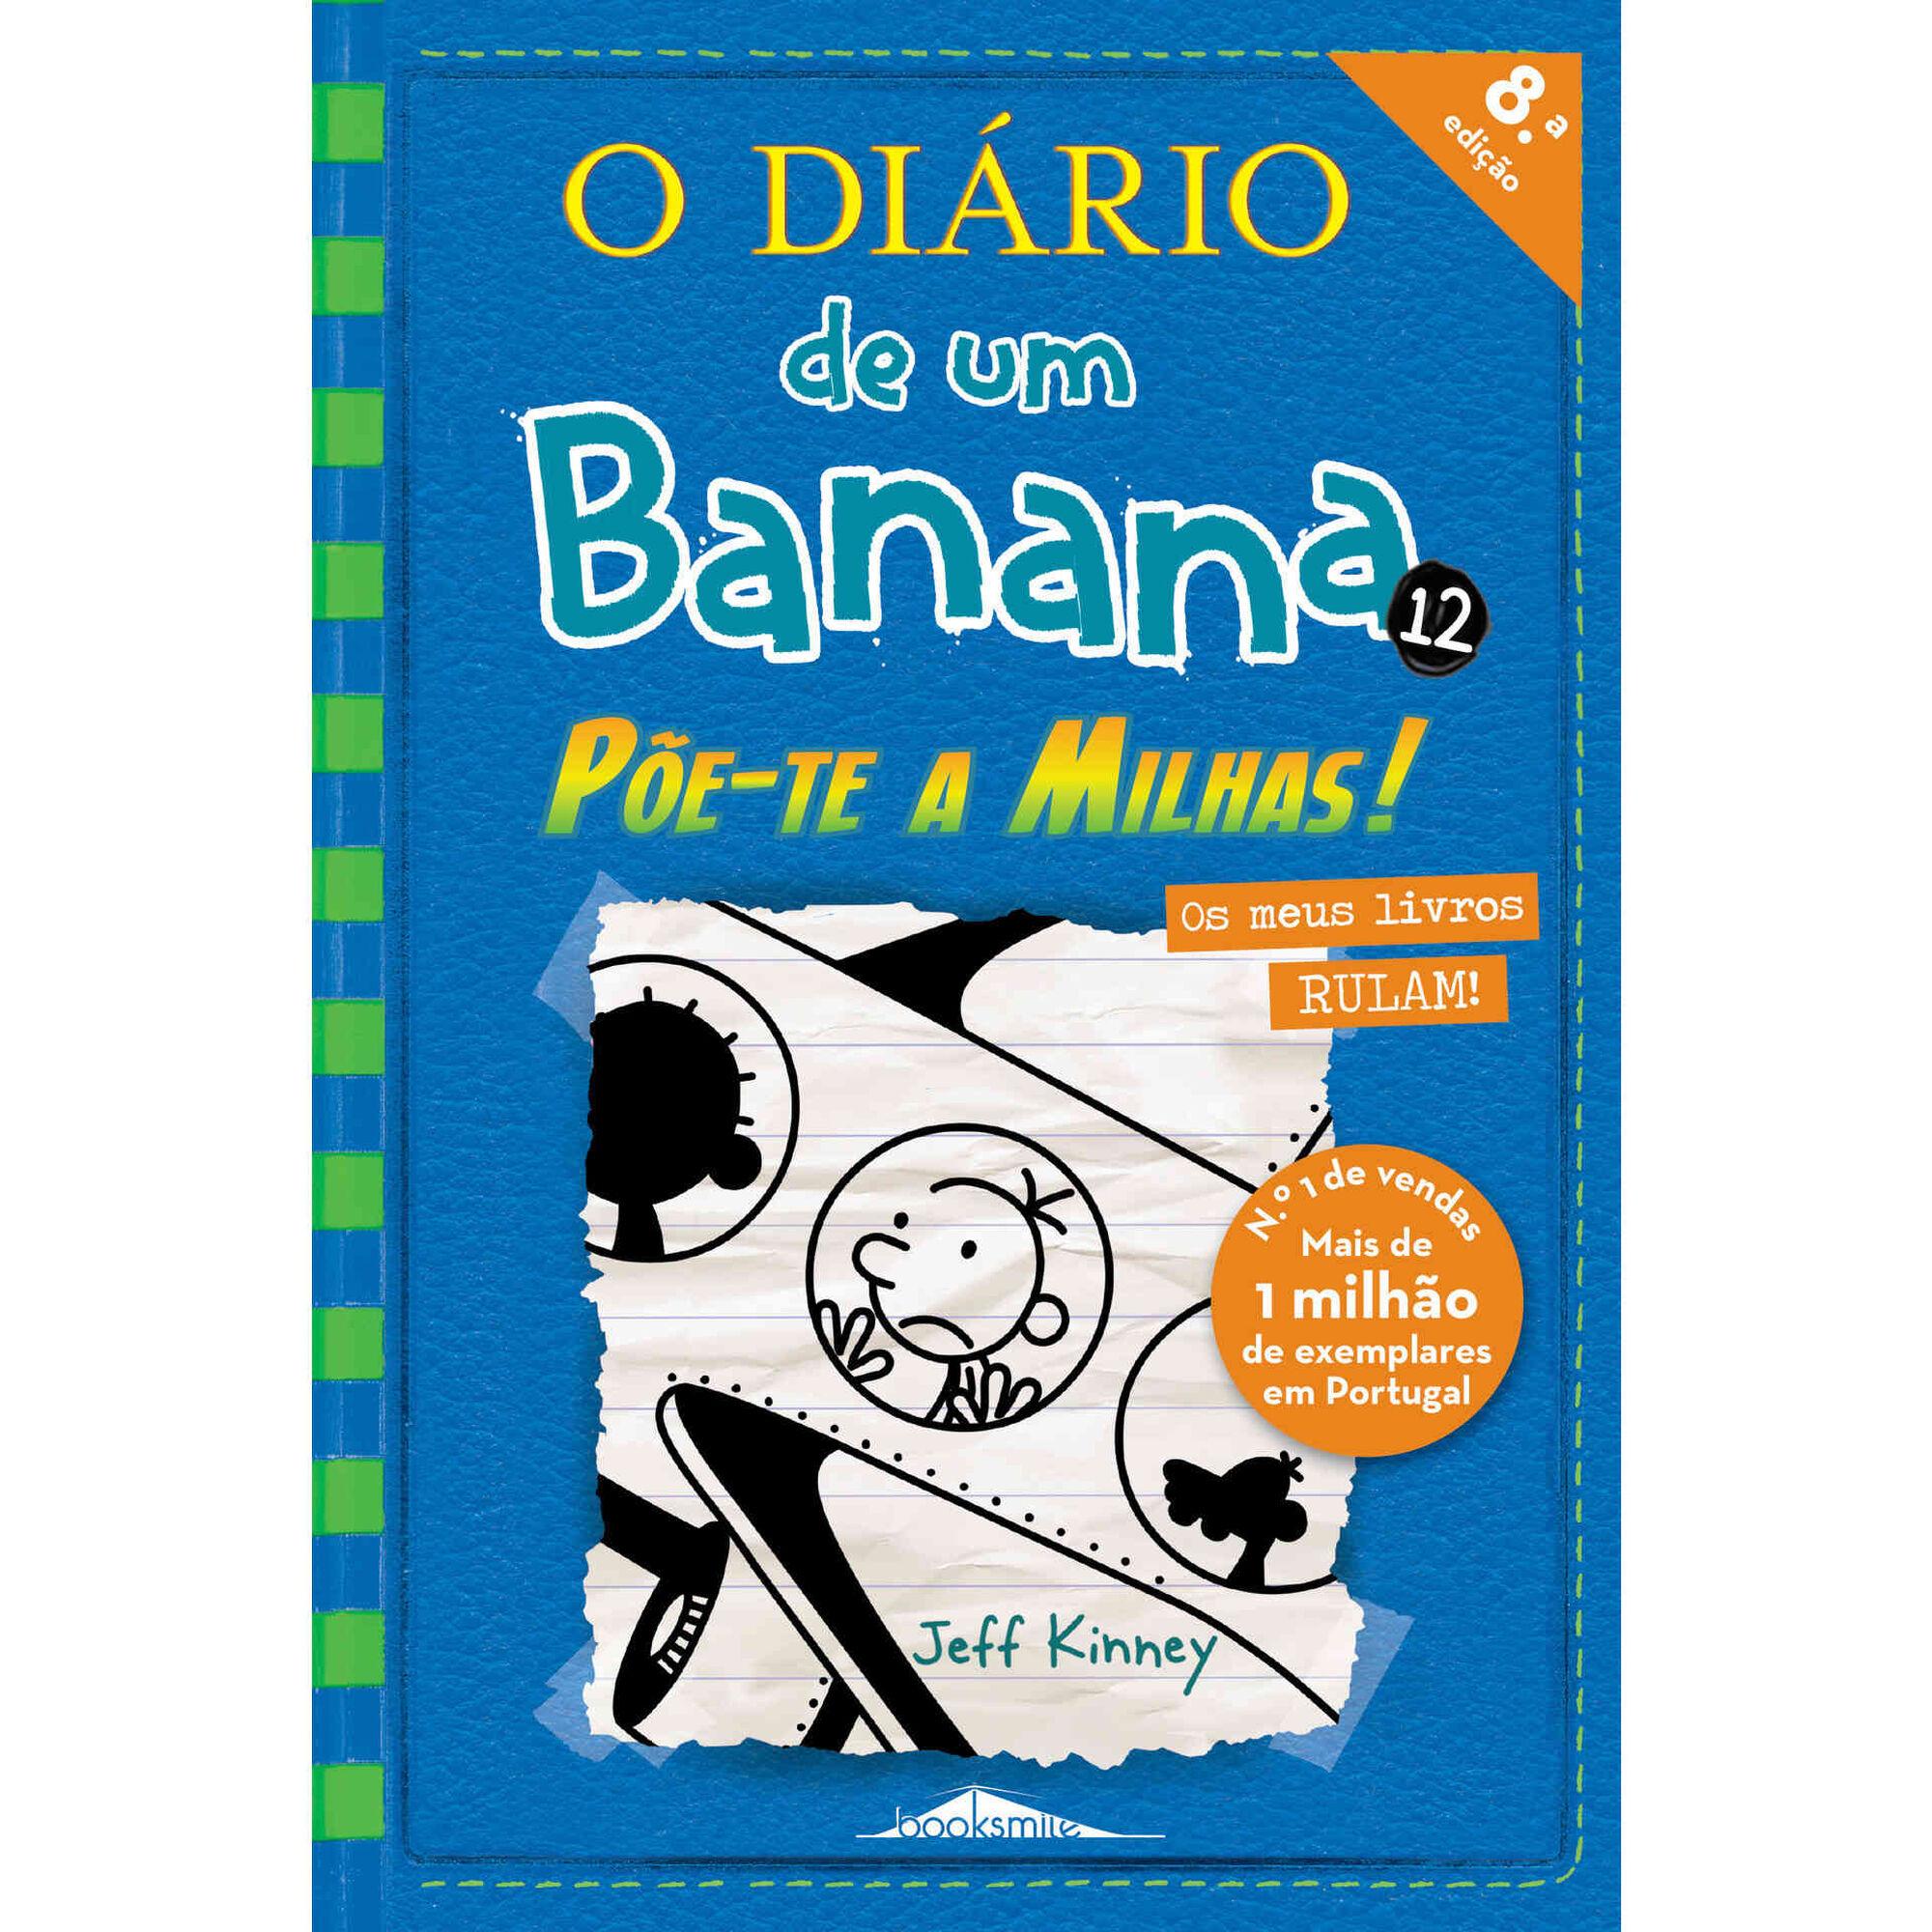 O Diário de um Banana 12 - Põe-te a Milhas!